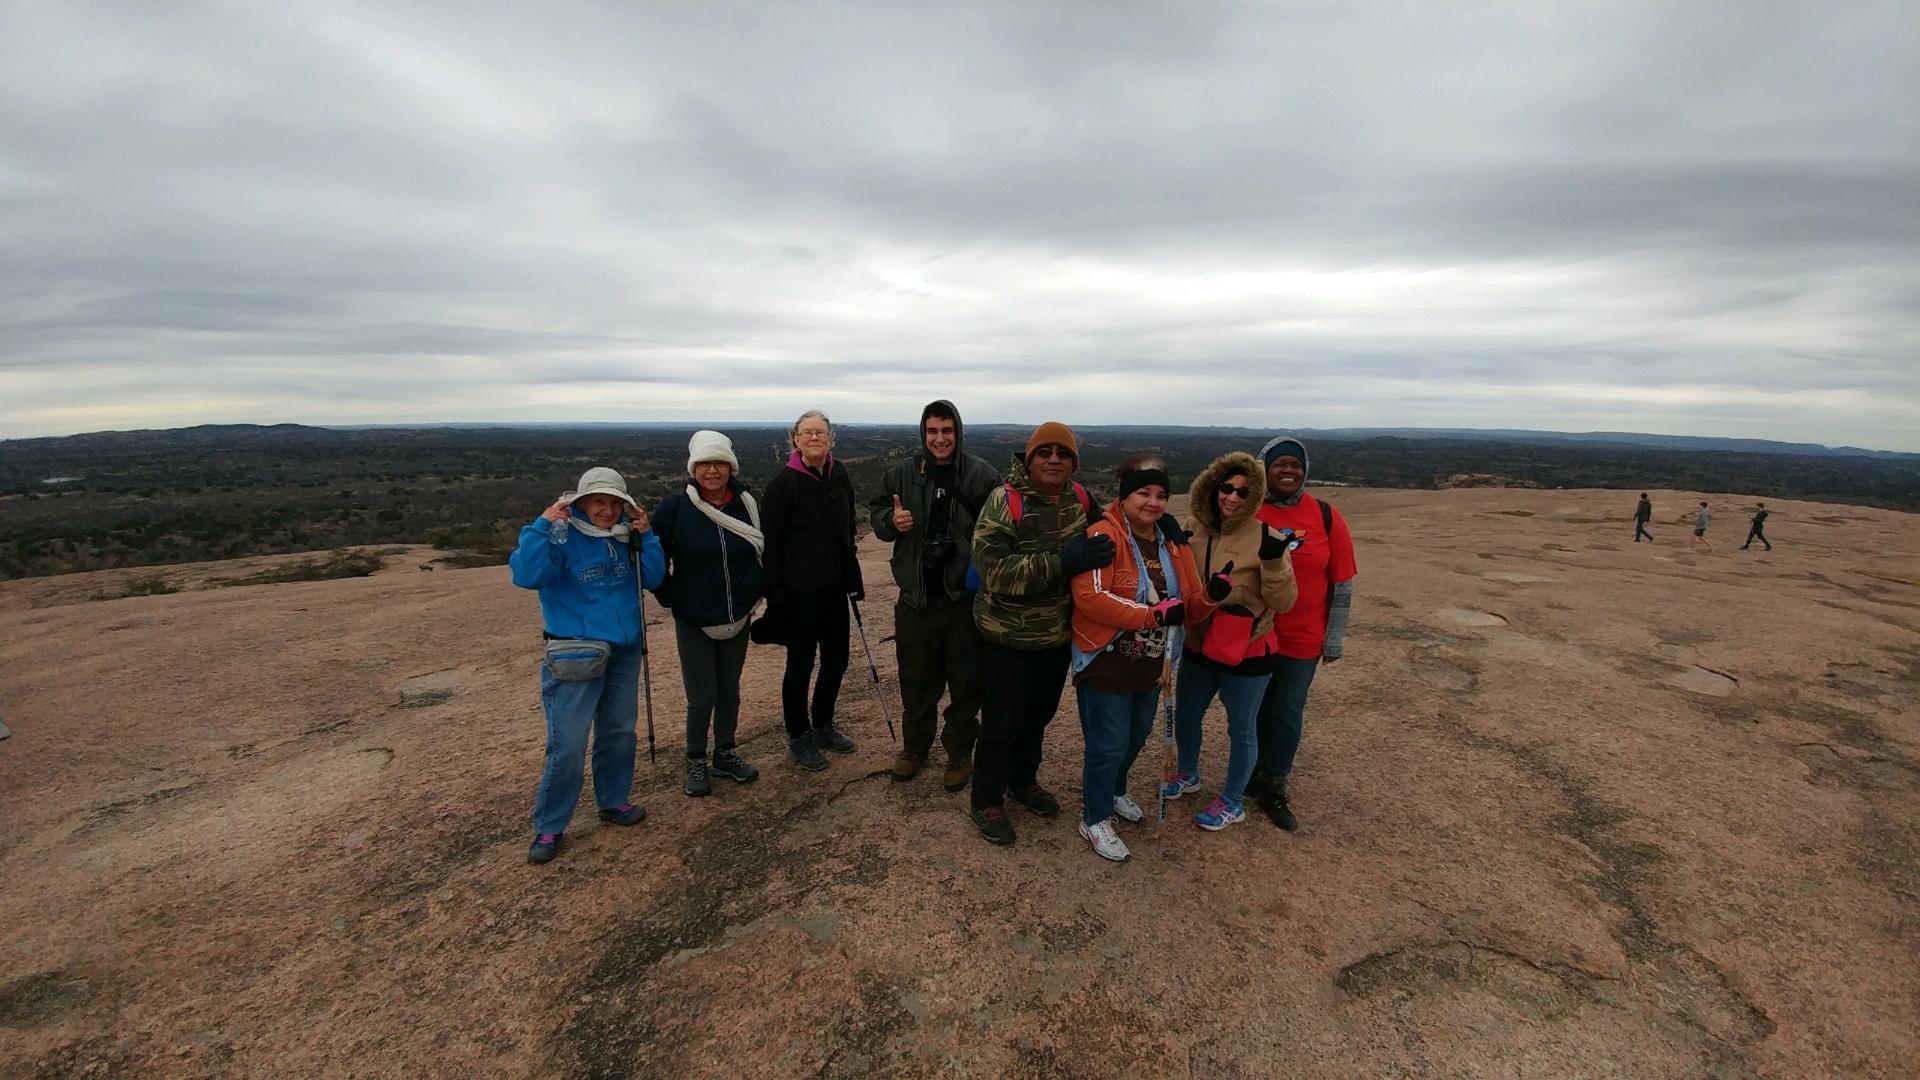 Pf Seniors at Enchanted Rock